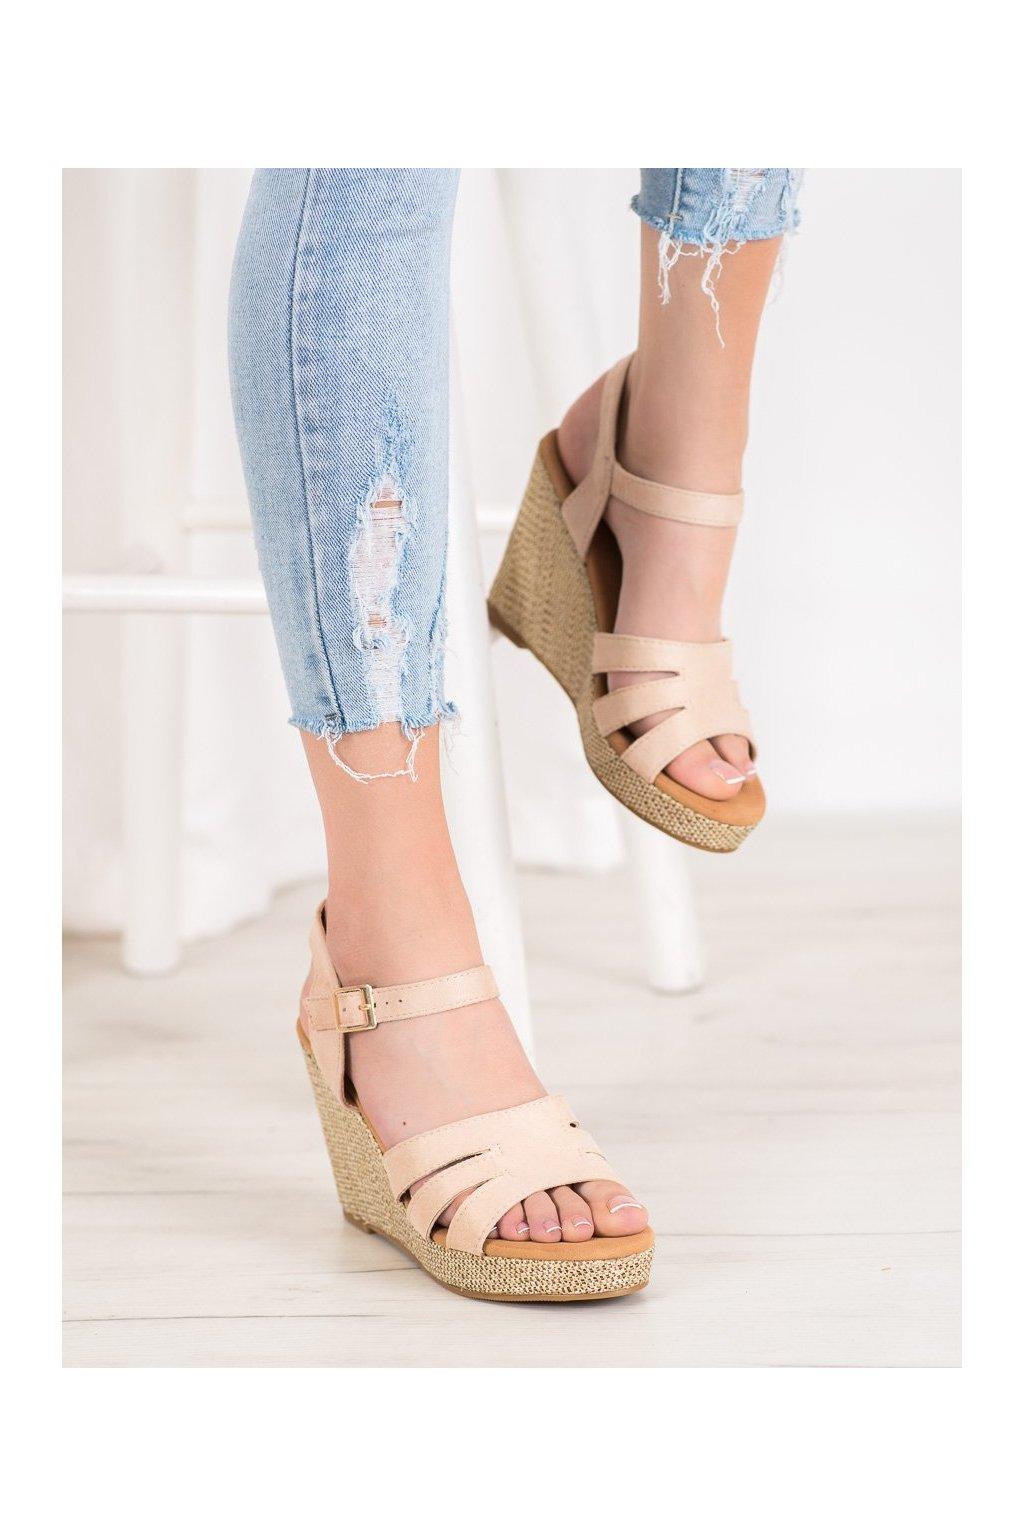 Hnedé sandále na platforme Small swan kod BL-20BE